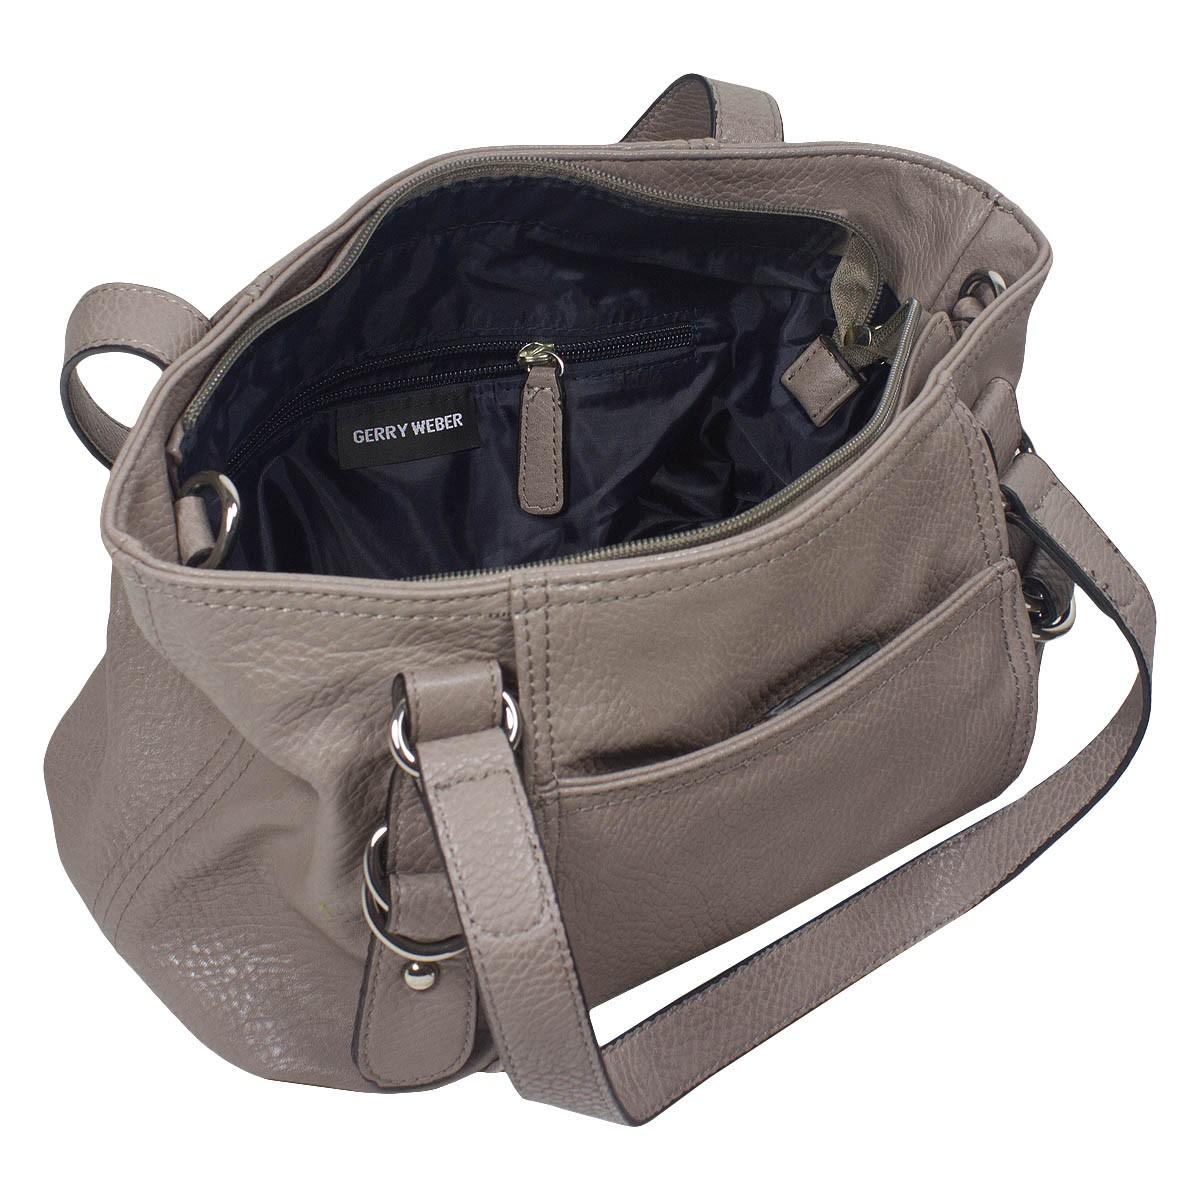 gerry weber open eyes baguette handtasche 4080000044. Black Bedroom Furniture Sets. Home Design Ideas